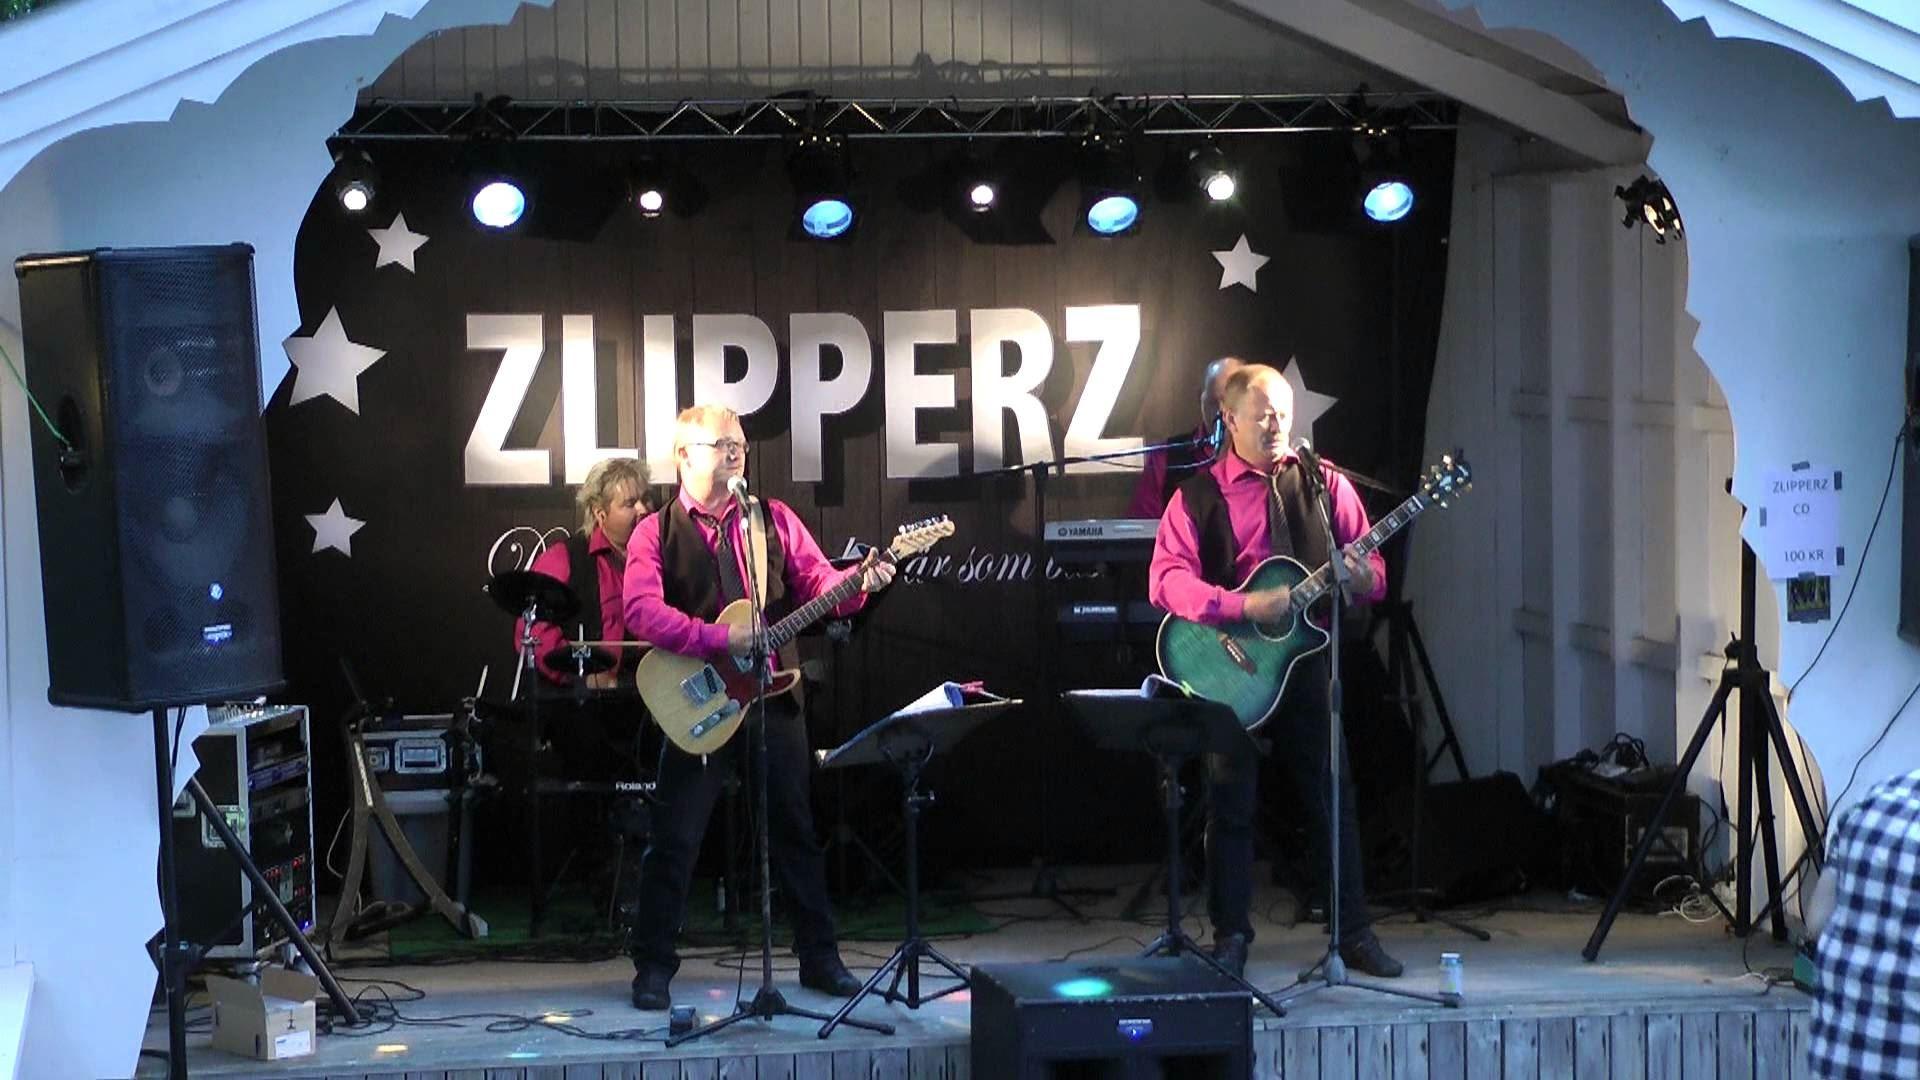 Danskväll med Zlipperz